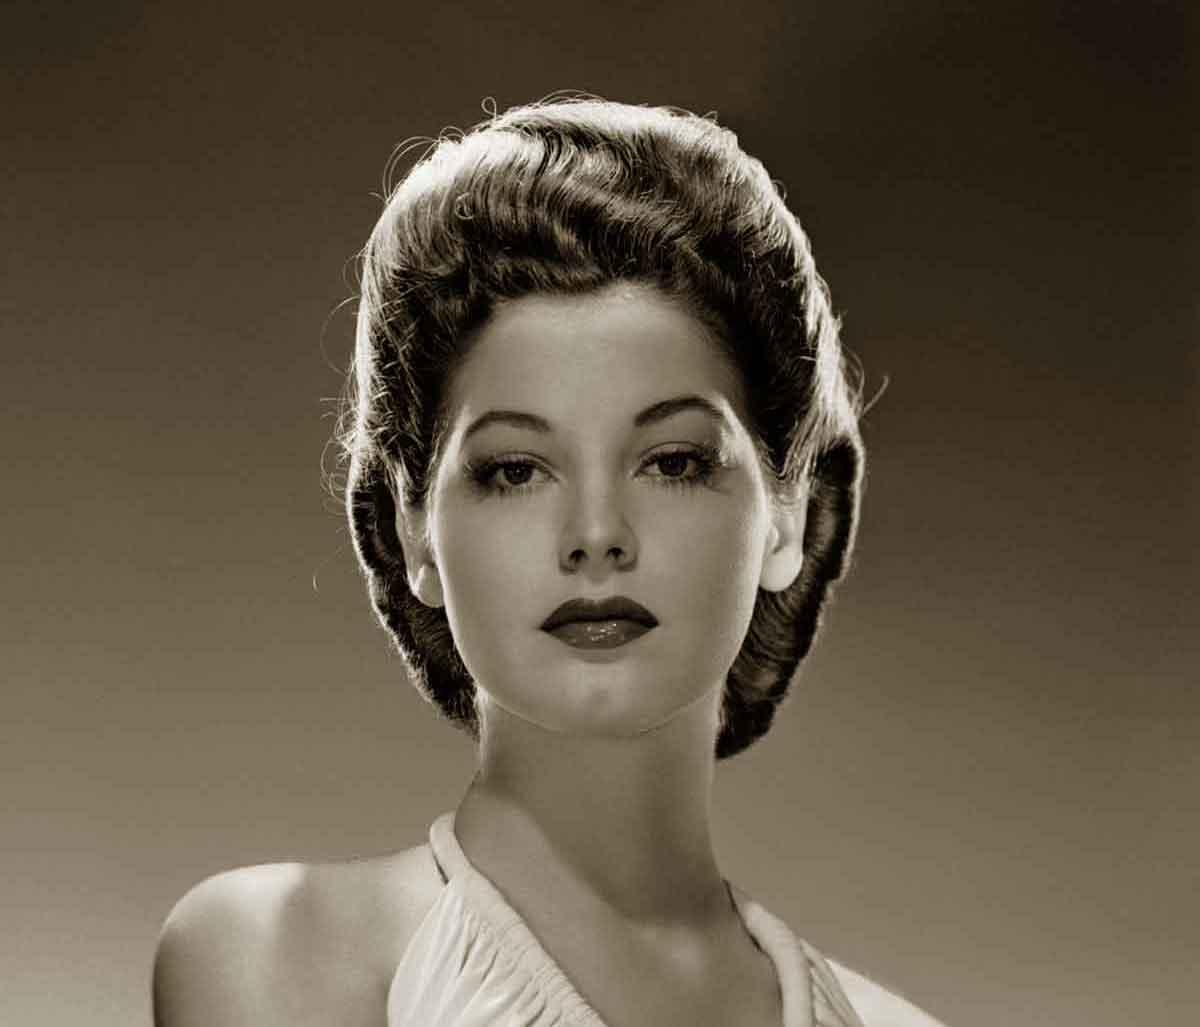 Enjoyable 1940S Hairstyles Memorable Pompadours Glamourdaze Short Hairstyles For Black Women Fulllsitofus